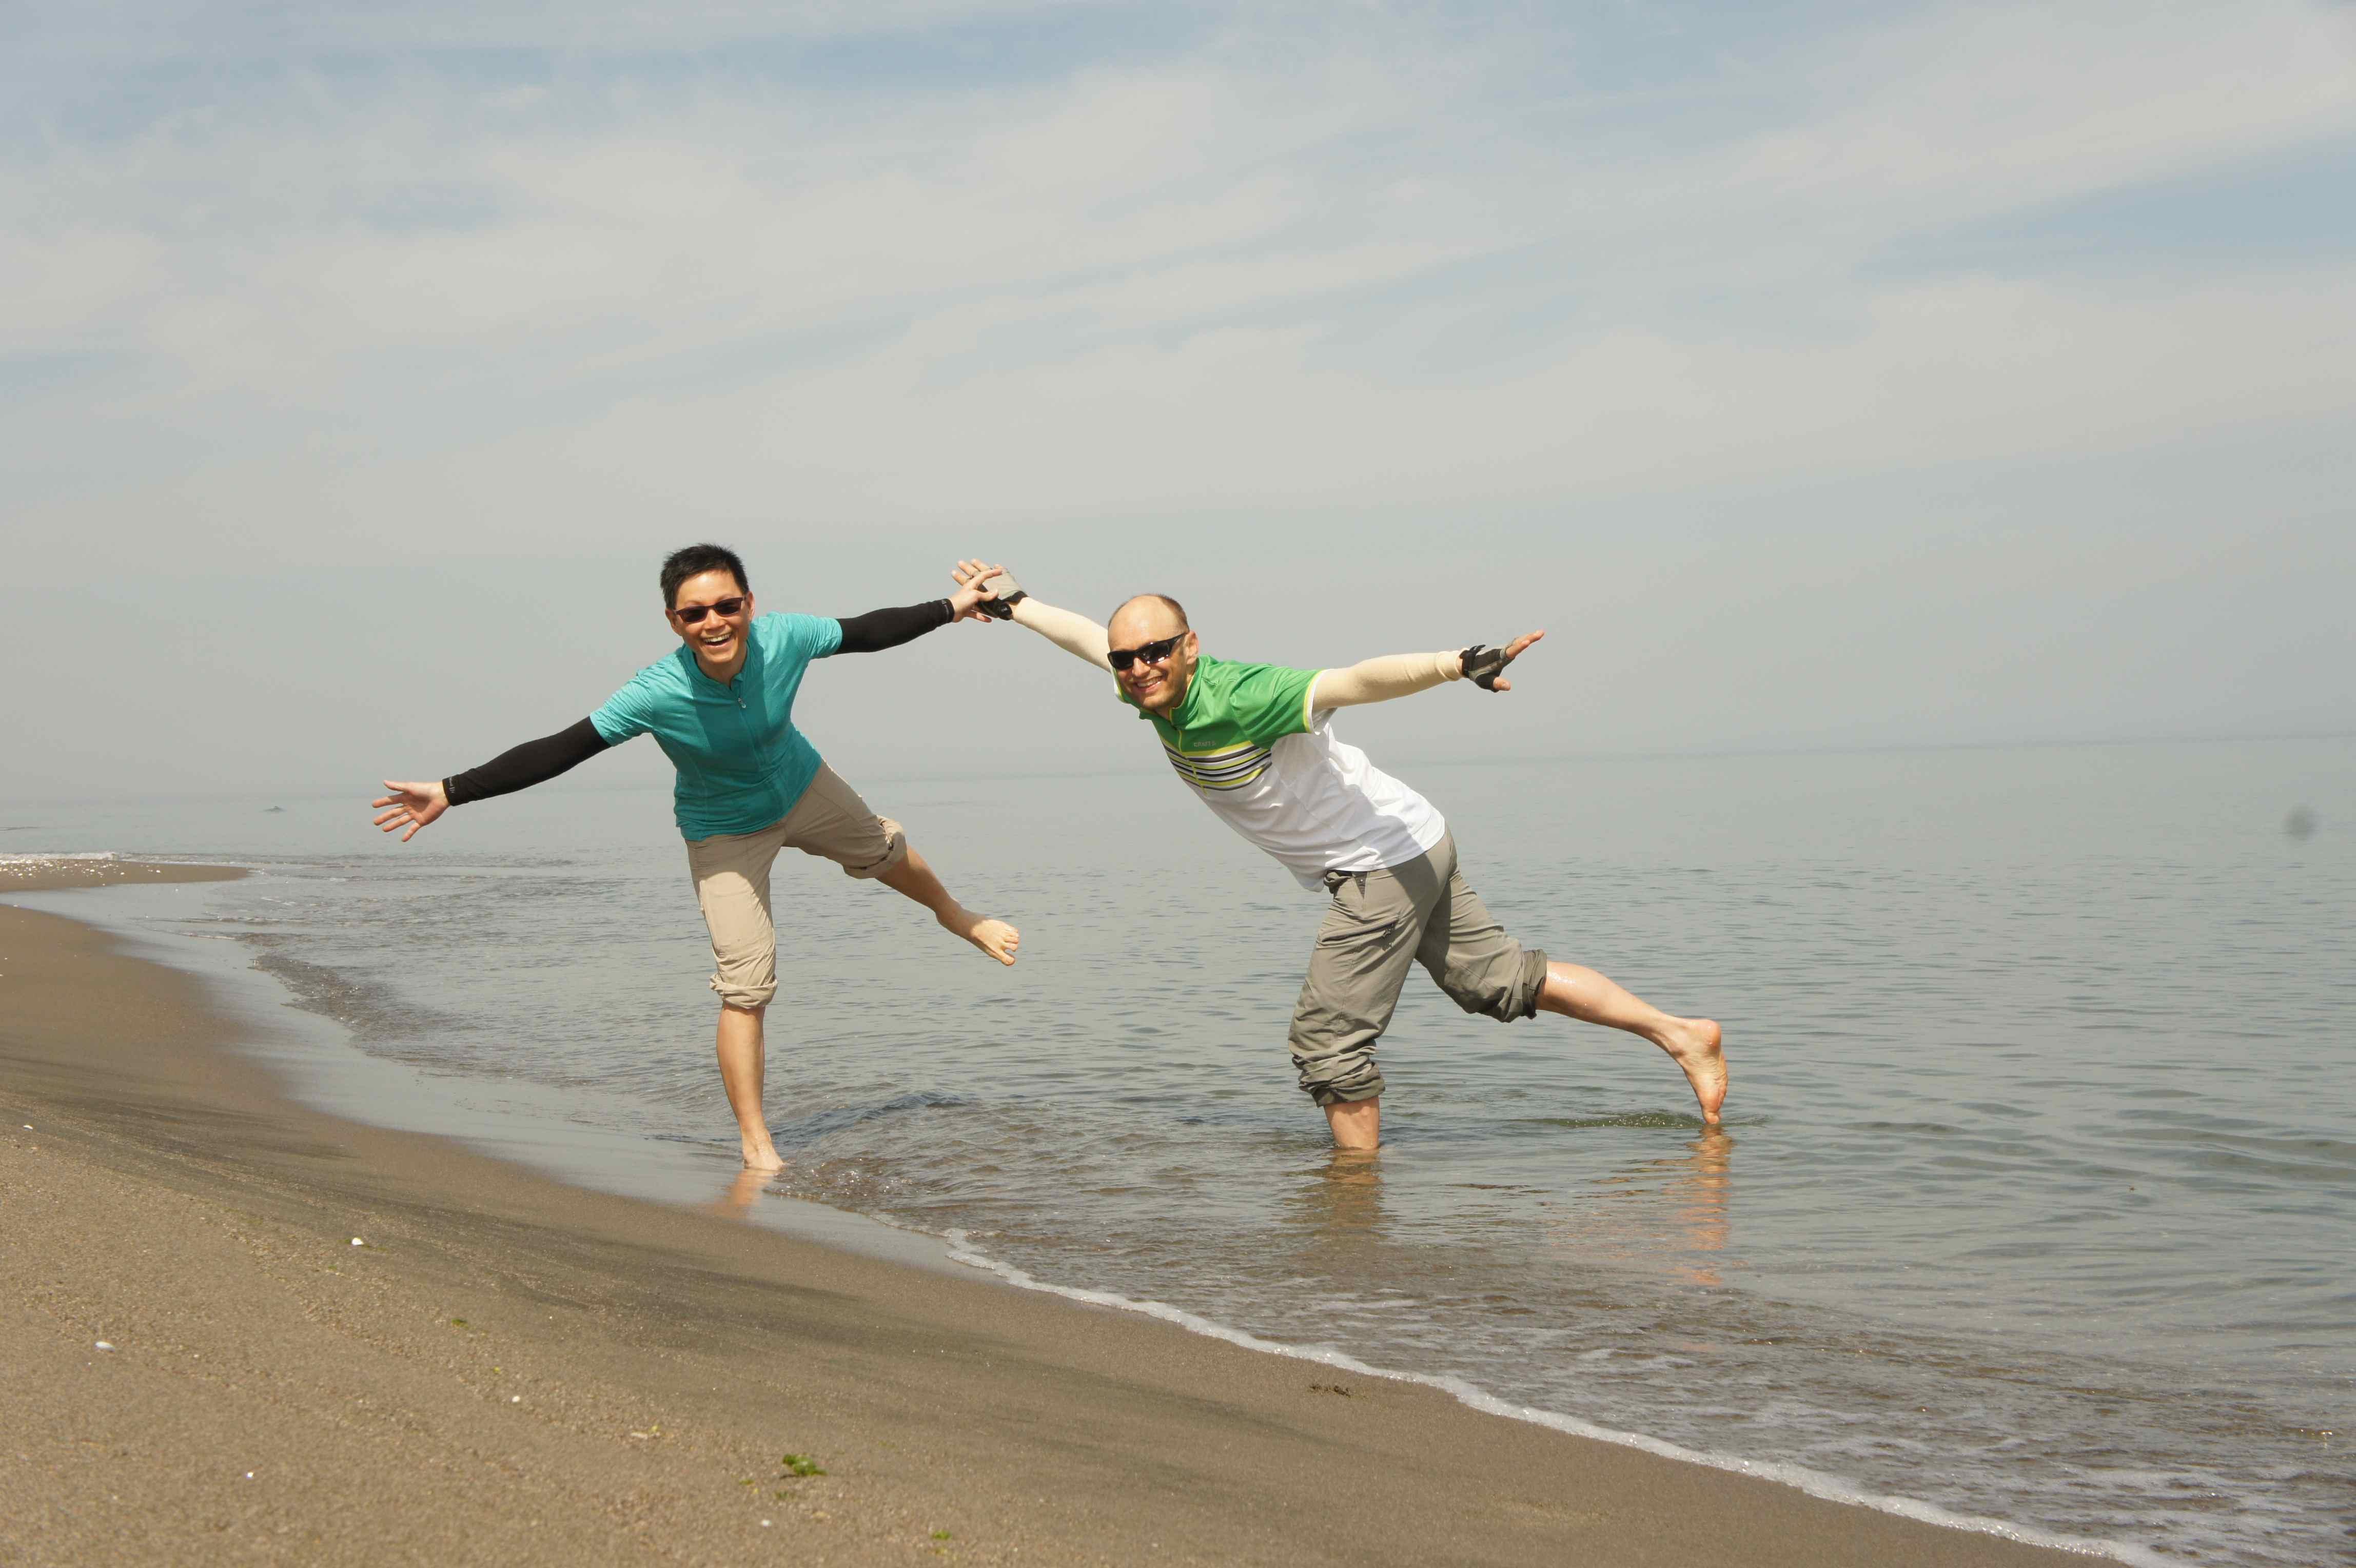 ลองเอาเท้าจุ่มน้ำในทะเลดำ